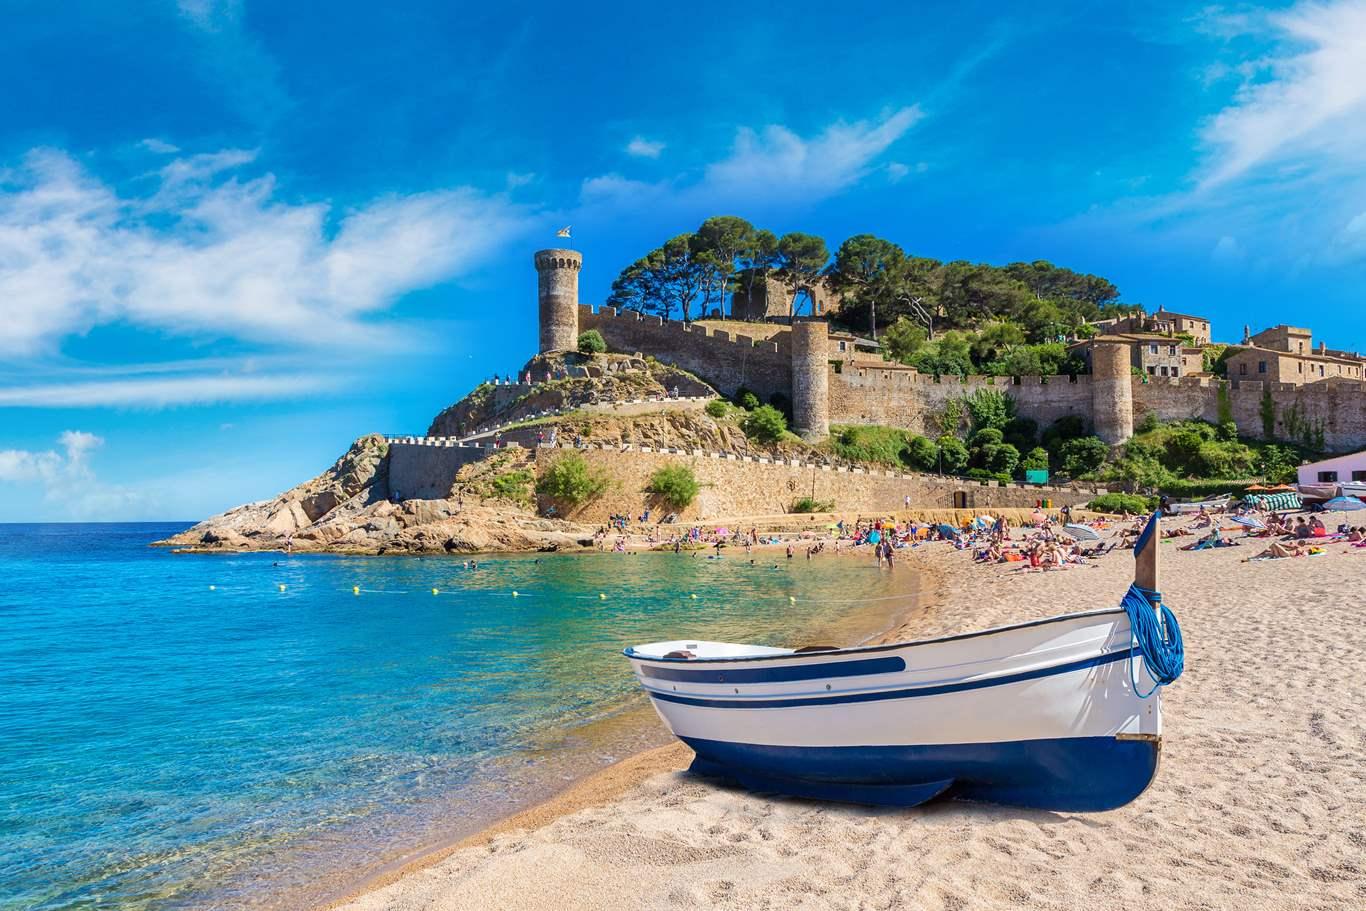 beach-at-tossa-de-mar